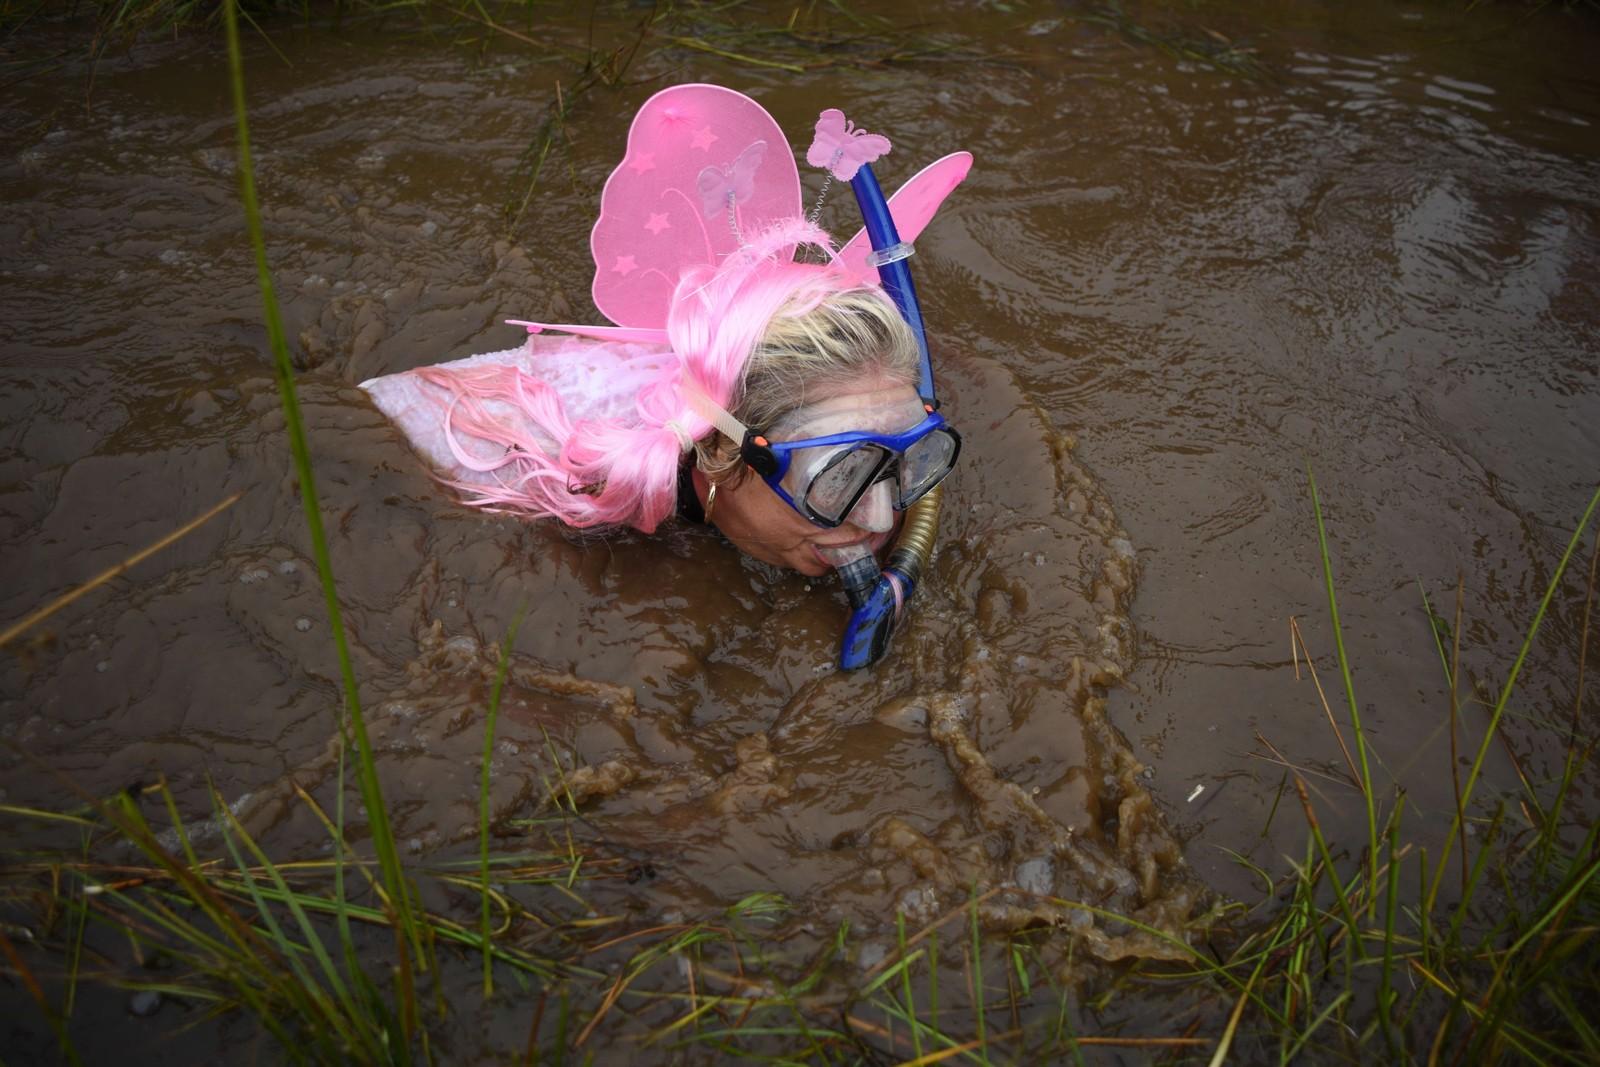 Denne konkurransen i Wales krever at deltagerne må kave seg gjennom rundt 55 meter med gjørme og sølevann i et torvdekka landskap. Noen deltar for gøy i artige kostymer, mens andre, som svenske Eva Jonasson, havner øverst på pallen.